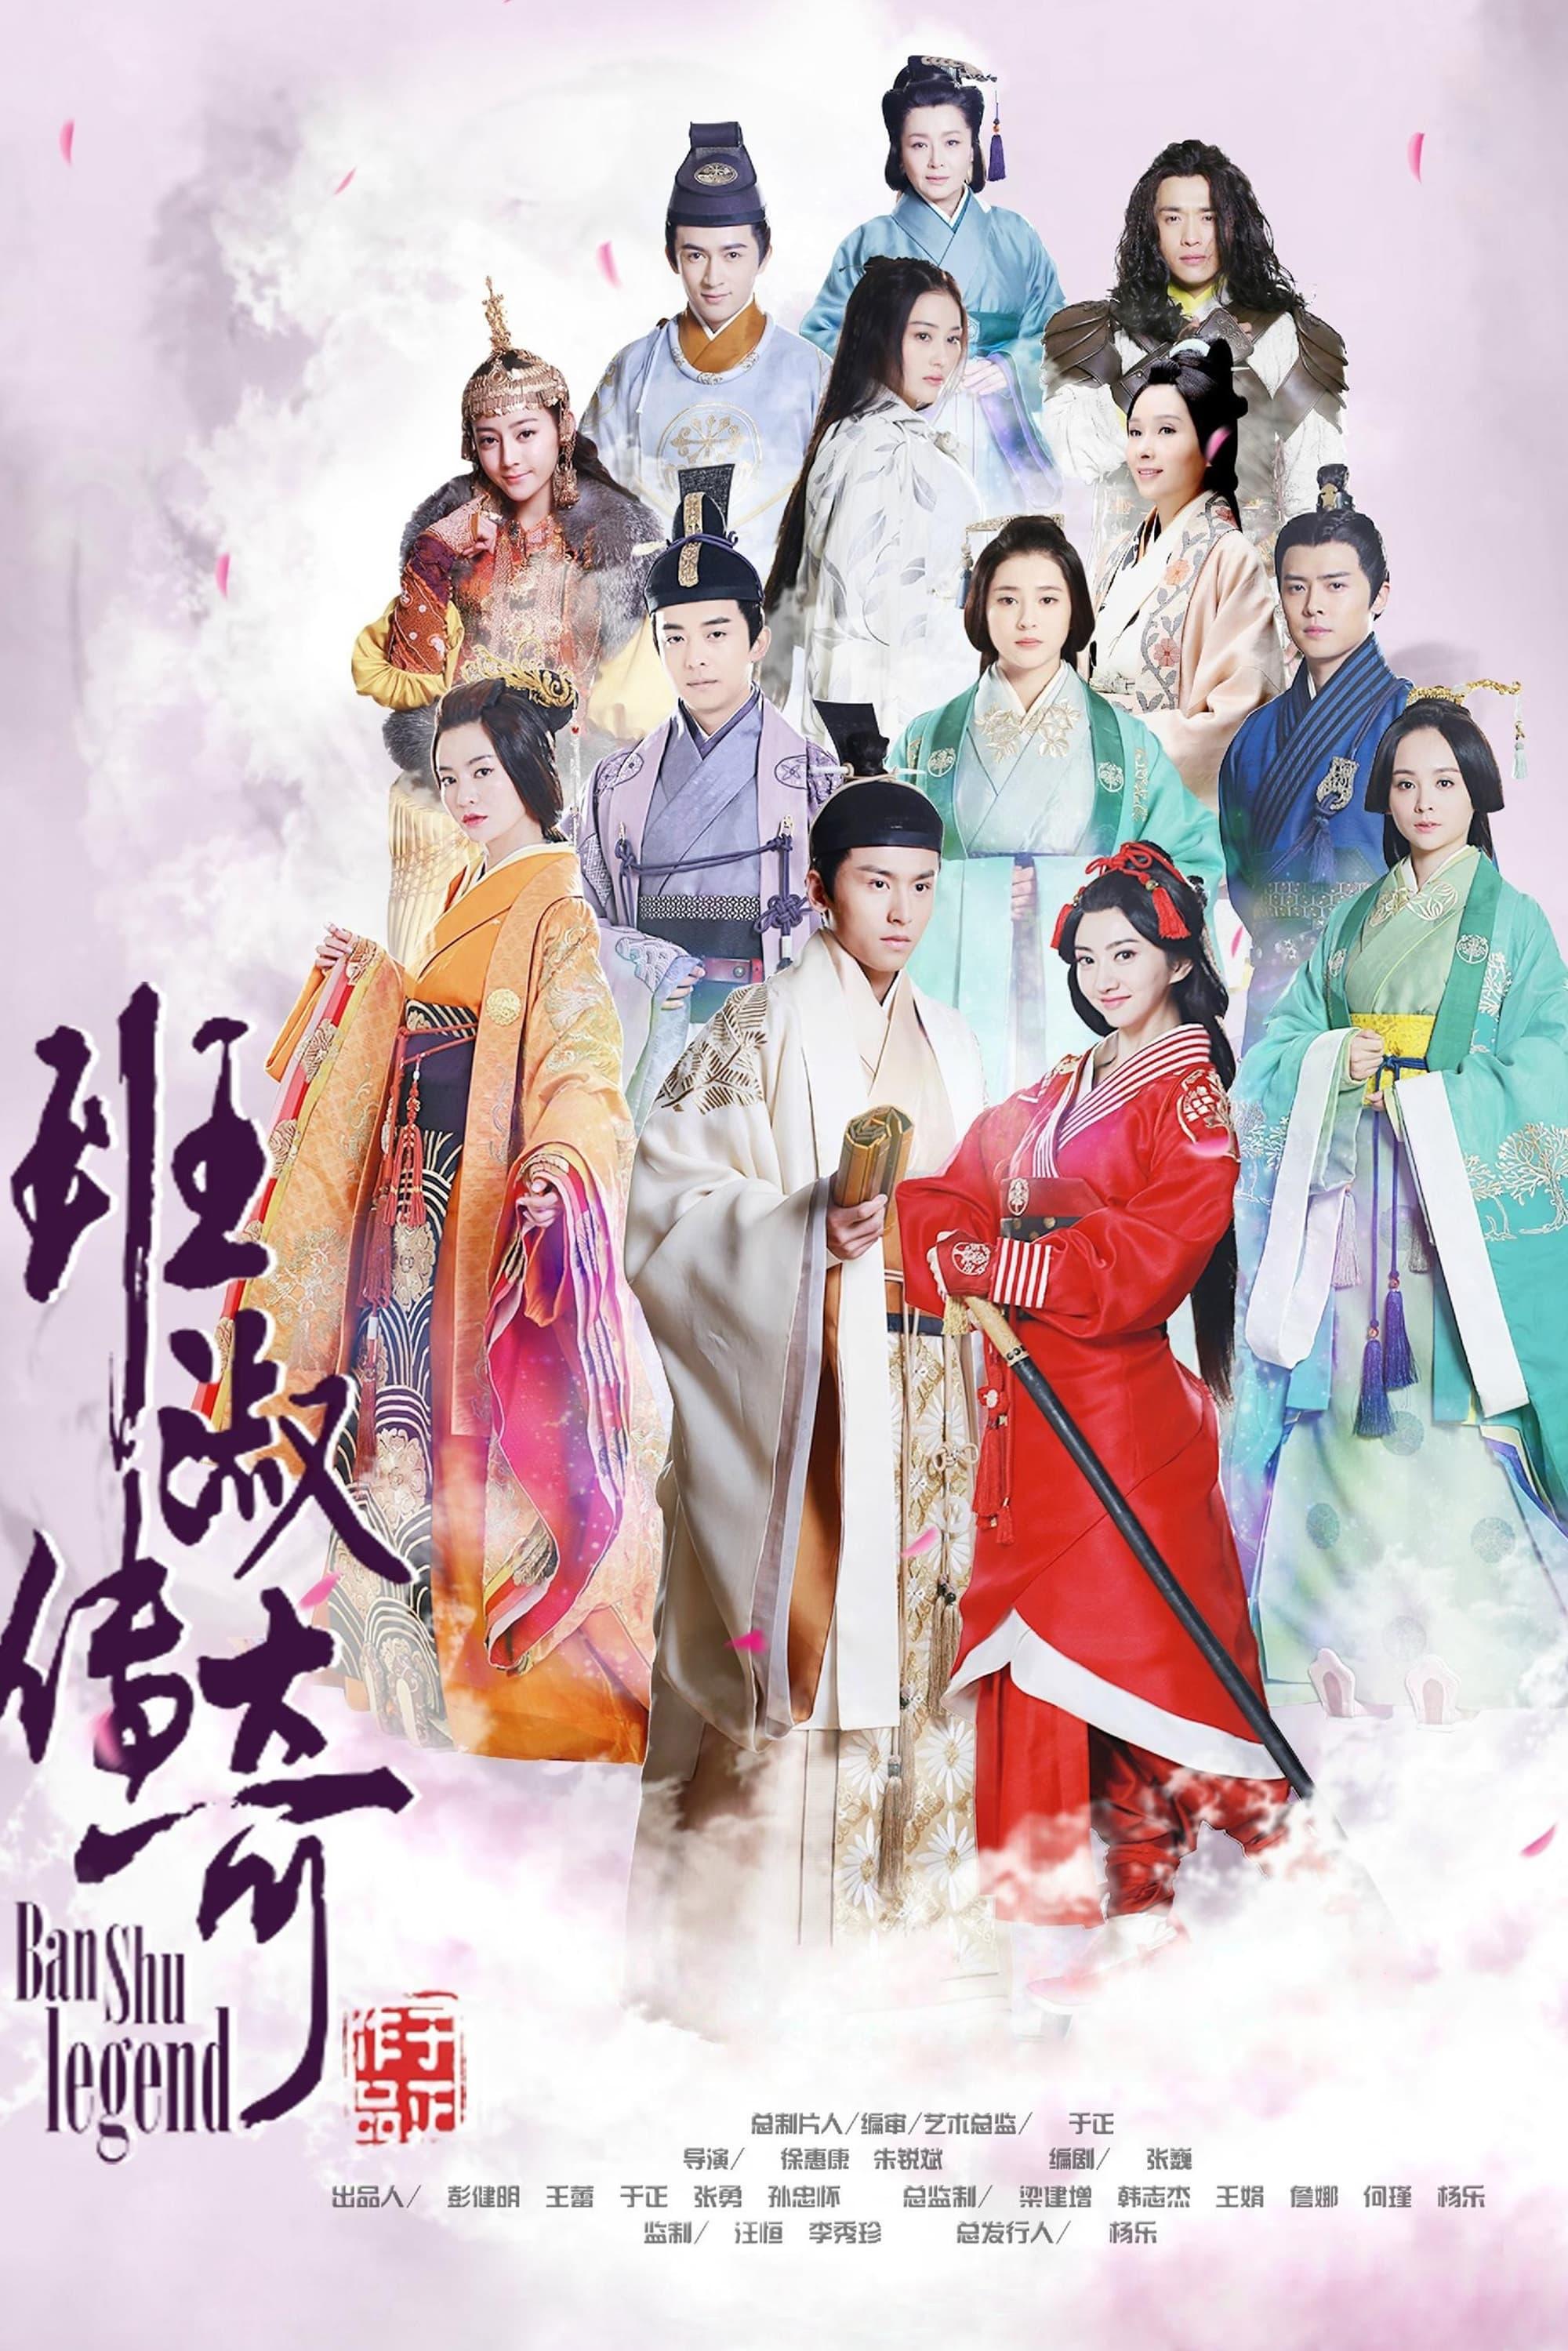 Ban Shu Legend